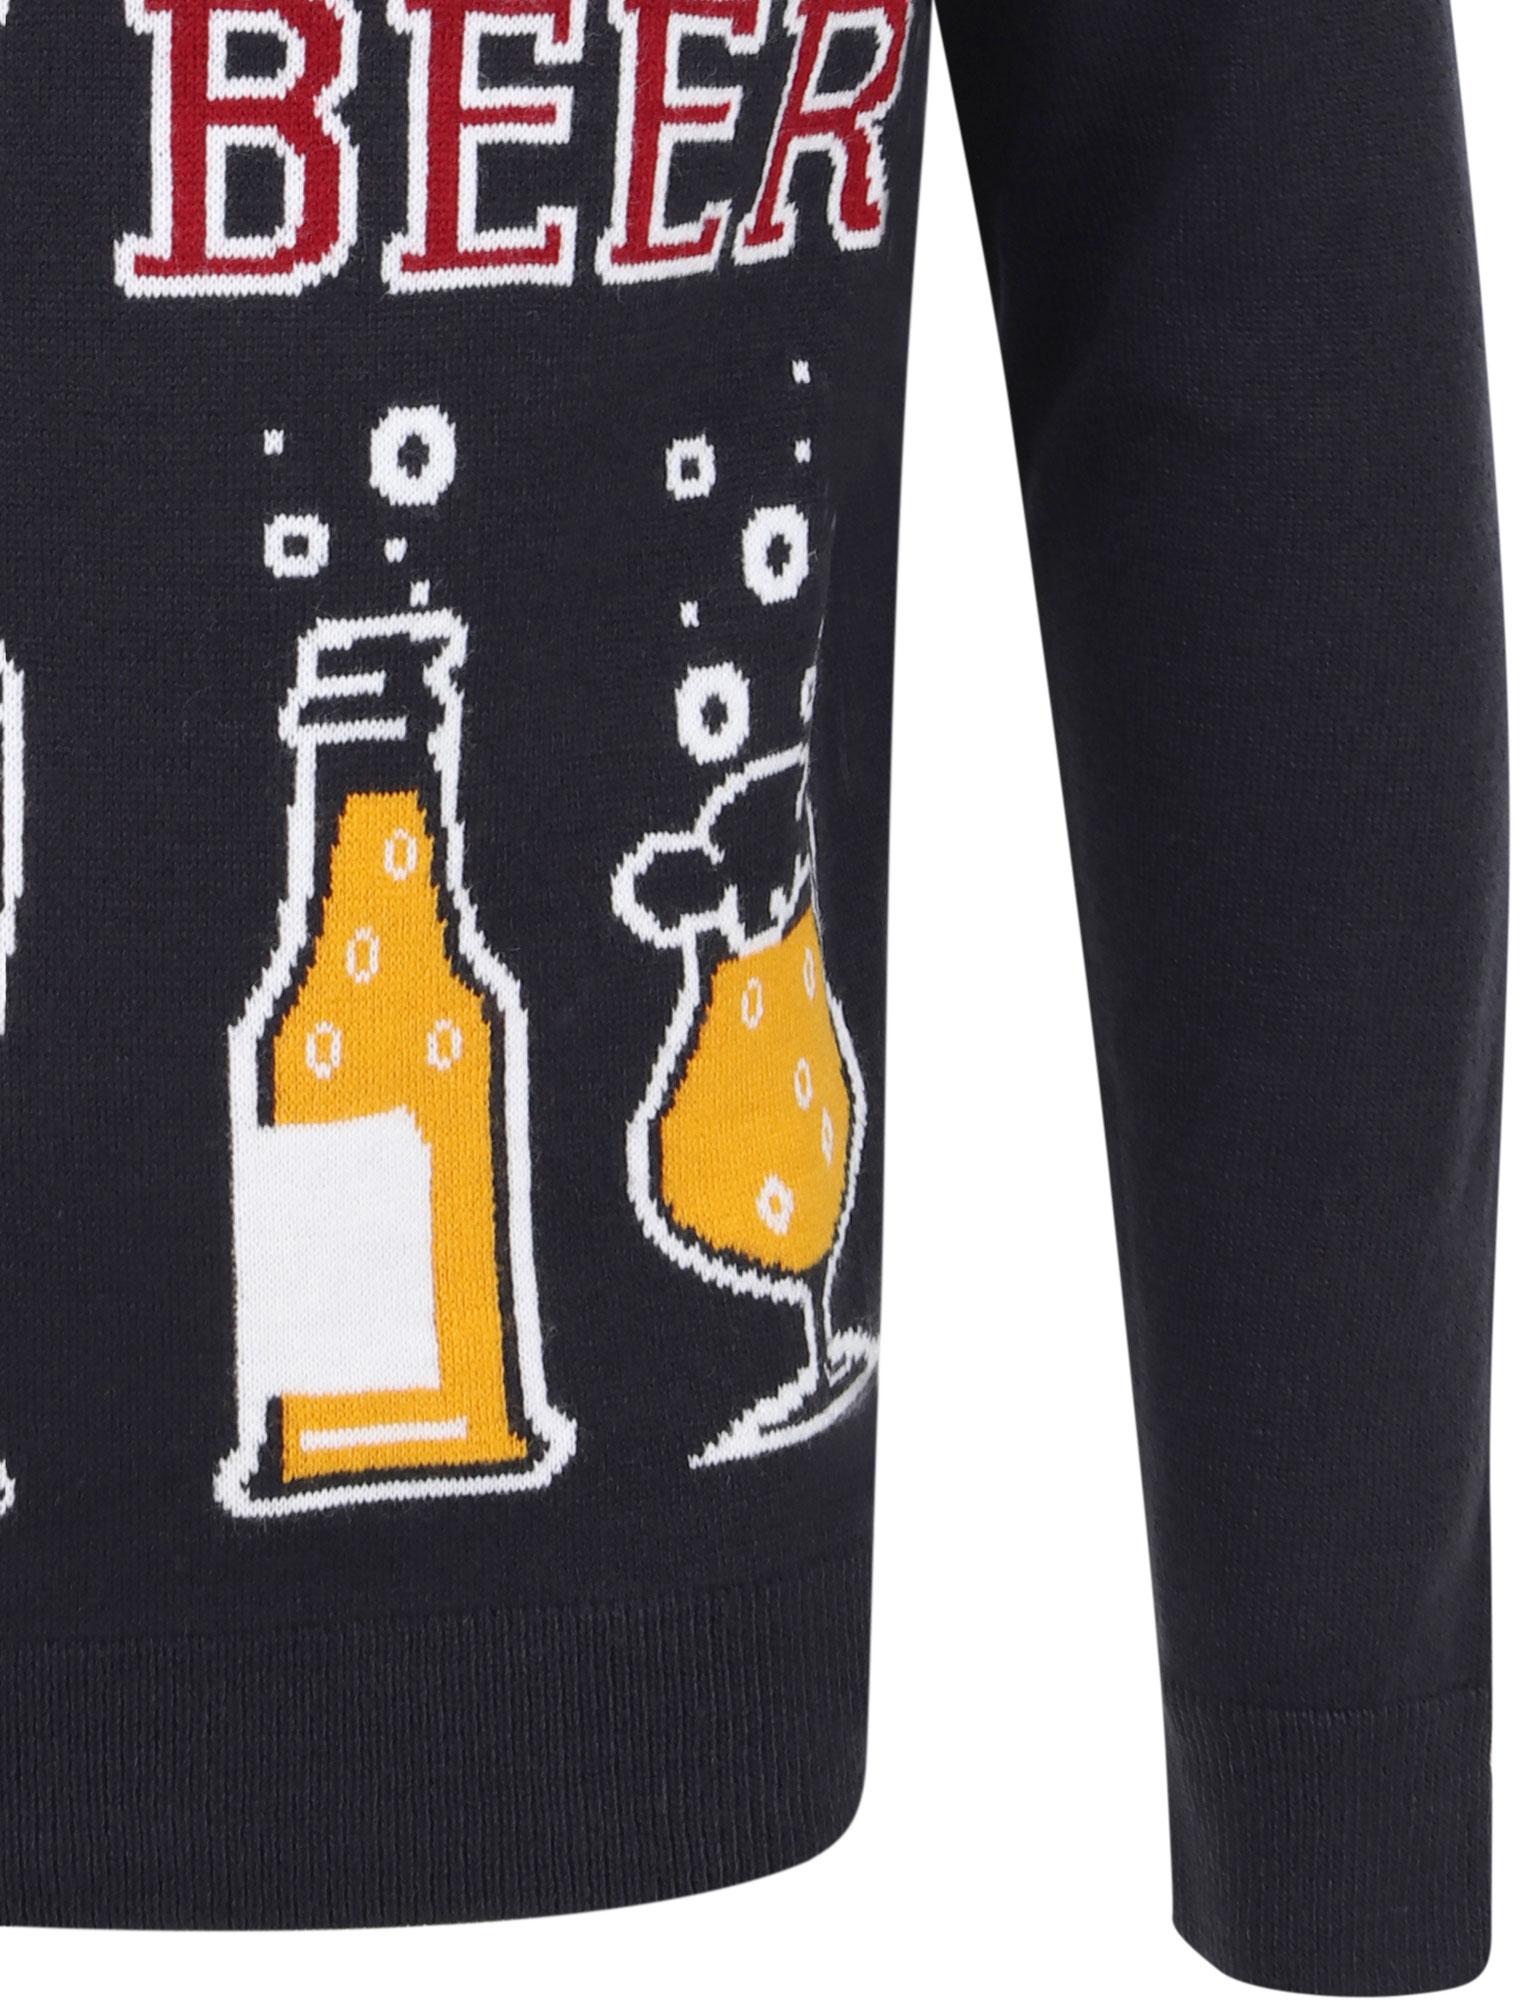 Feliz-Navidad-Para-Hombre-Novedad-Navidad-Sueter-Santa-Elfo-Reno-divertido-Cerveza miniatura 18